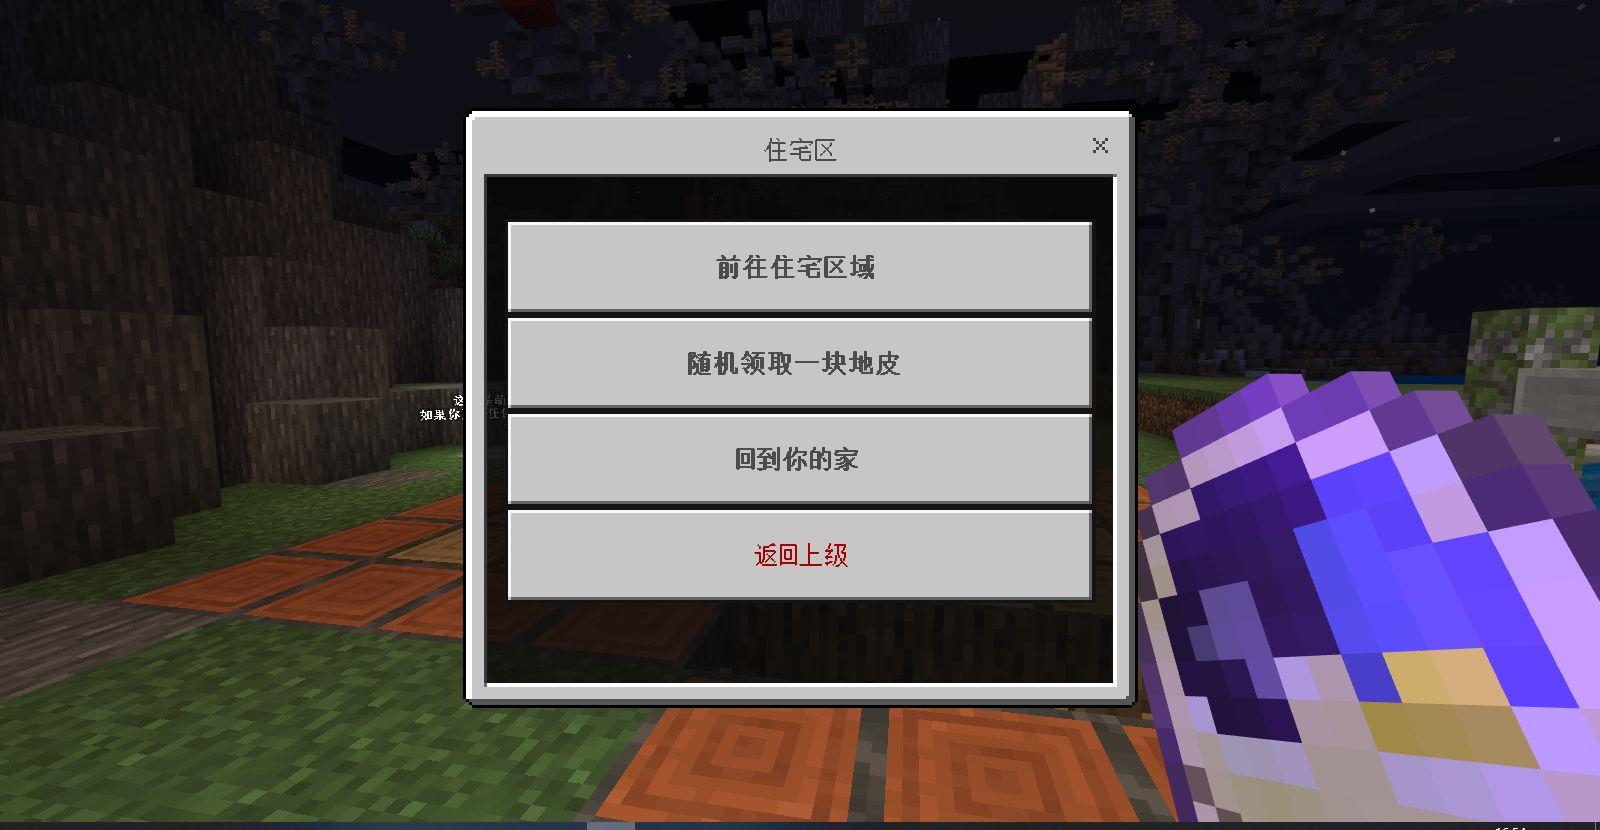 file_1582707276000.jpg